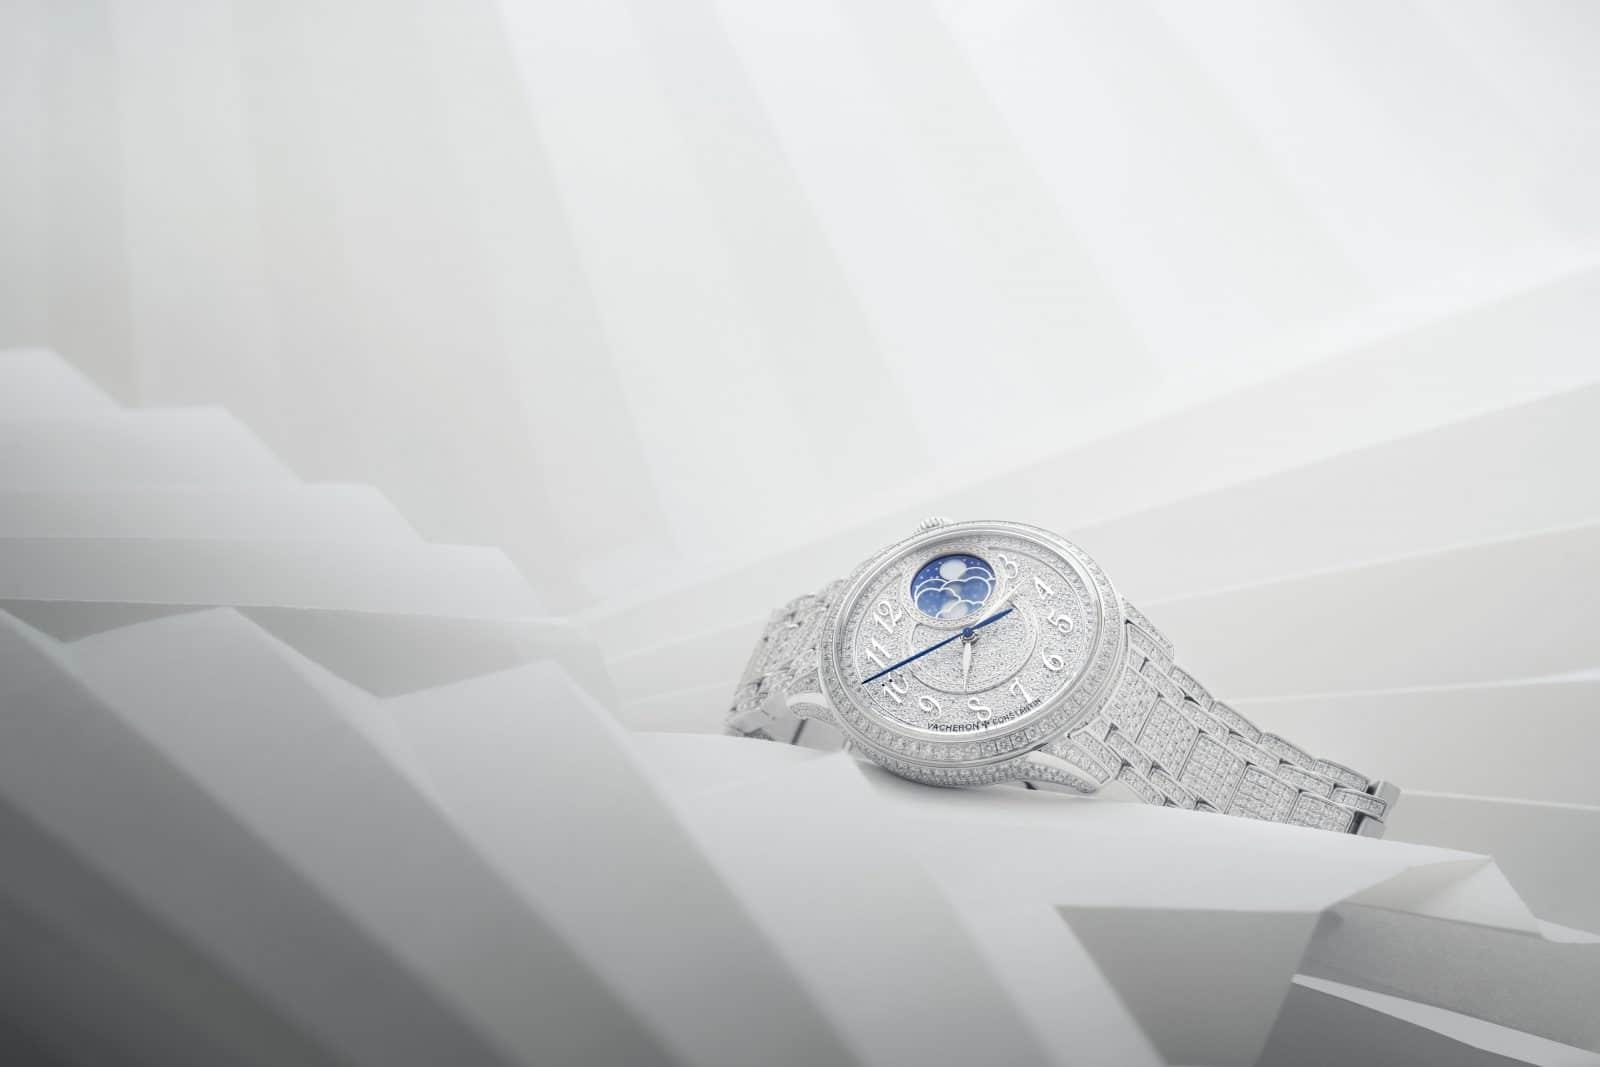 [The Luxury Journals] 7 objets capitaux : les montres incontournables de l'année 2020